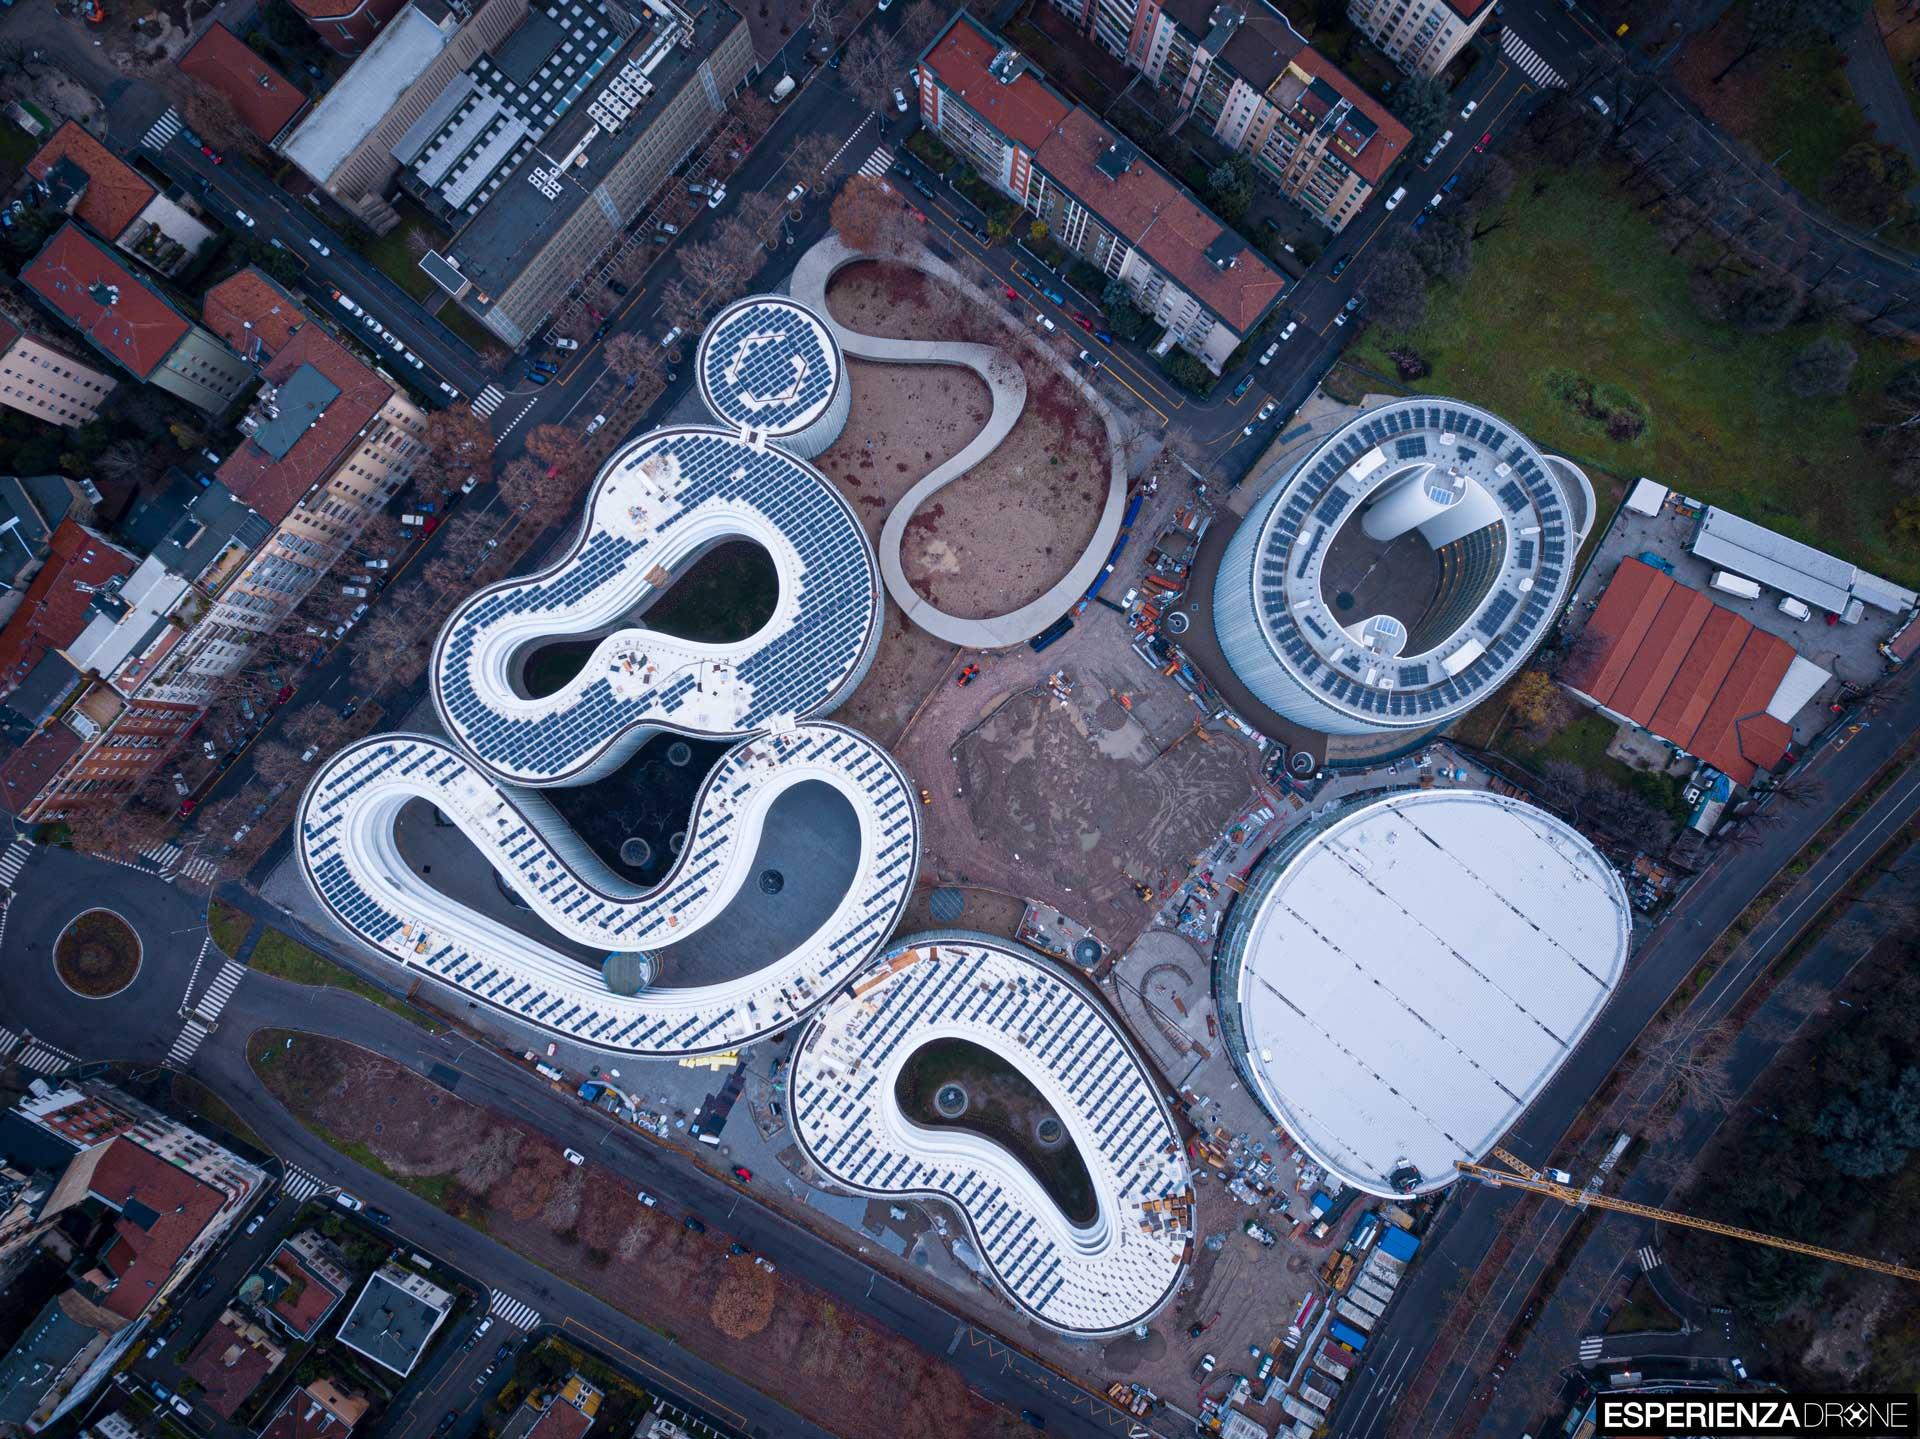 esperienza drone fotografia aerea architettura bocconi milano campus bocconi uno.jpg